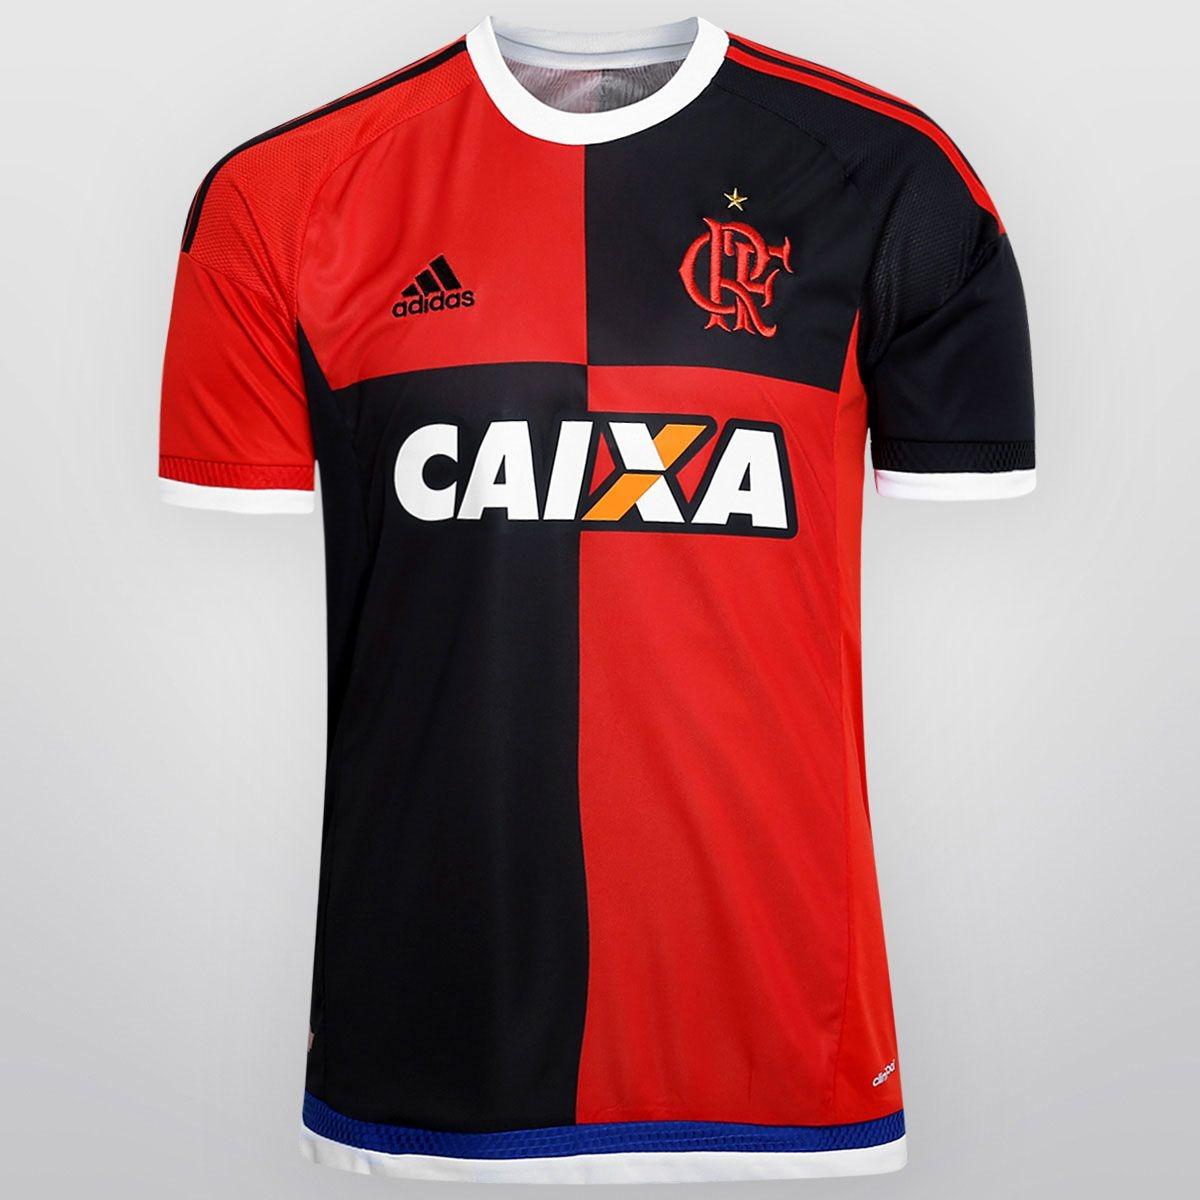 45679311386a1 Camisa adidas Flamengo Papagaio Vintém 450 S nº Original Cnf - R ...